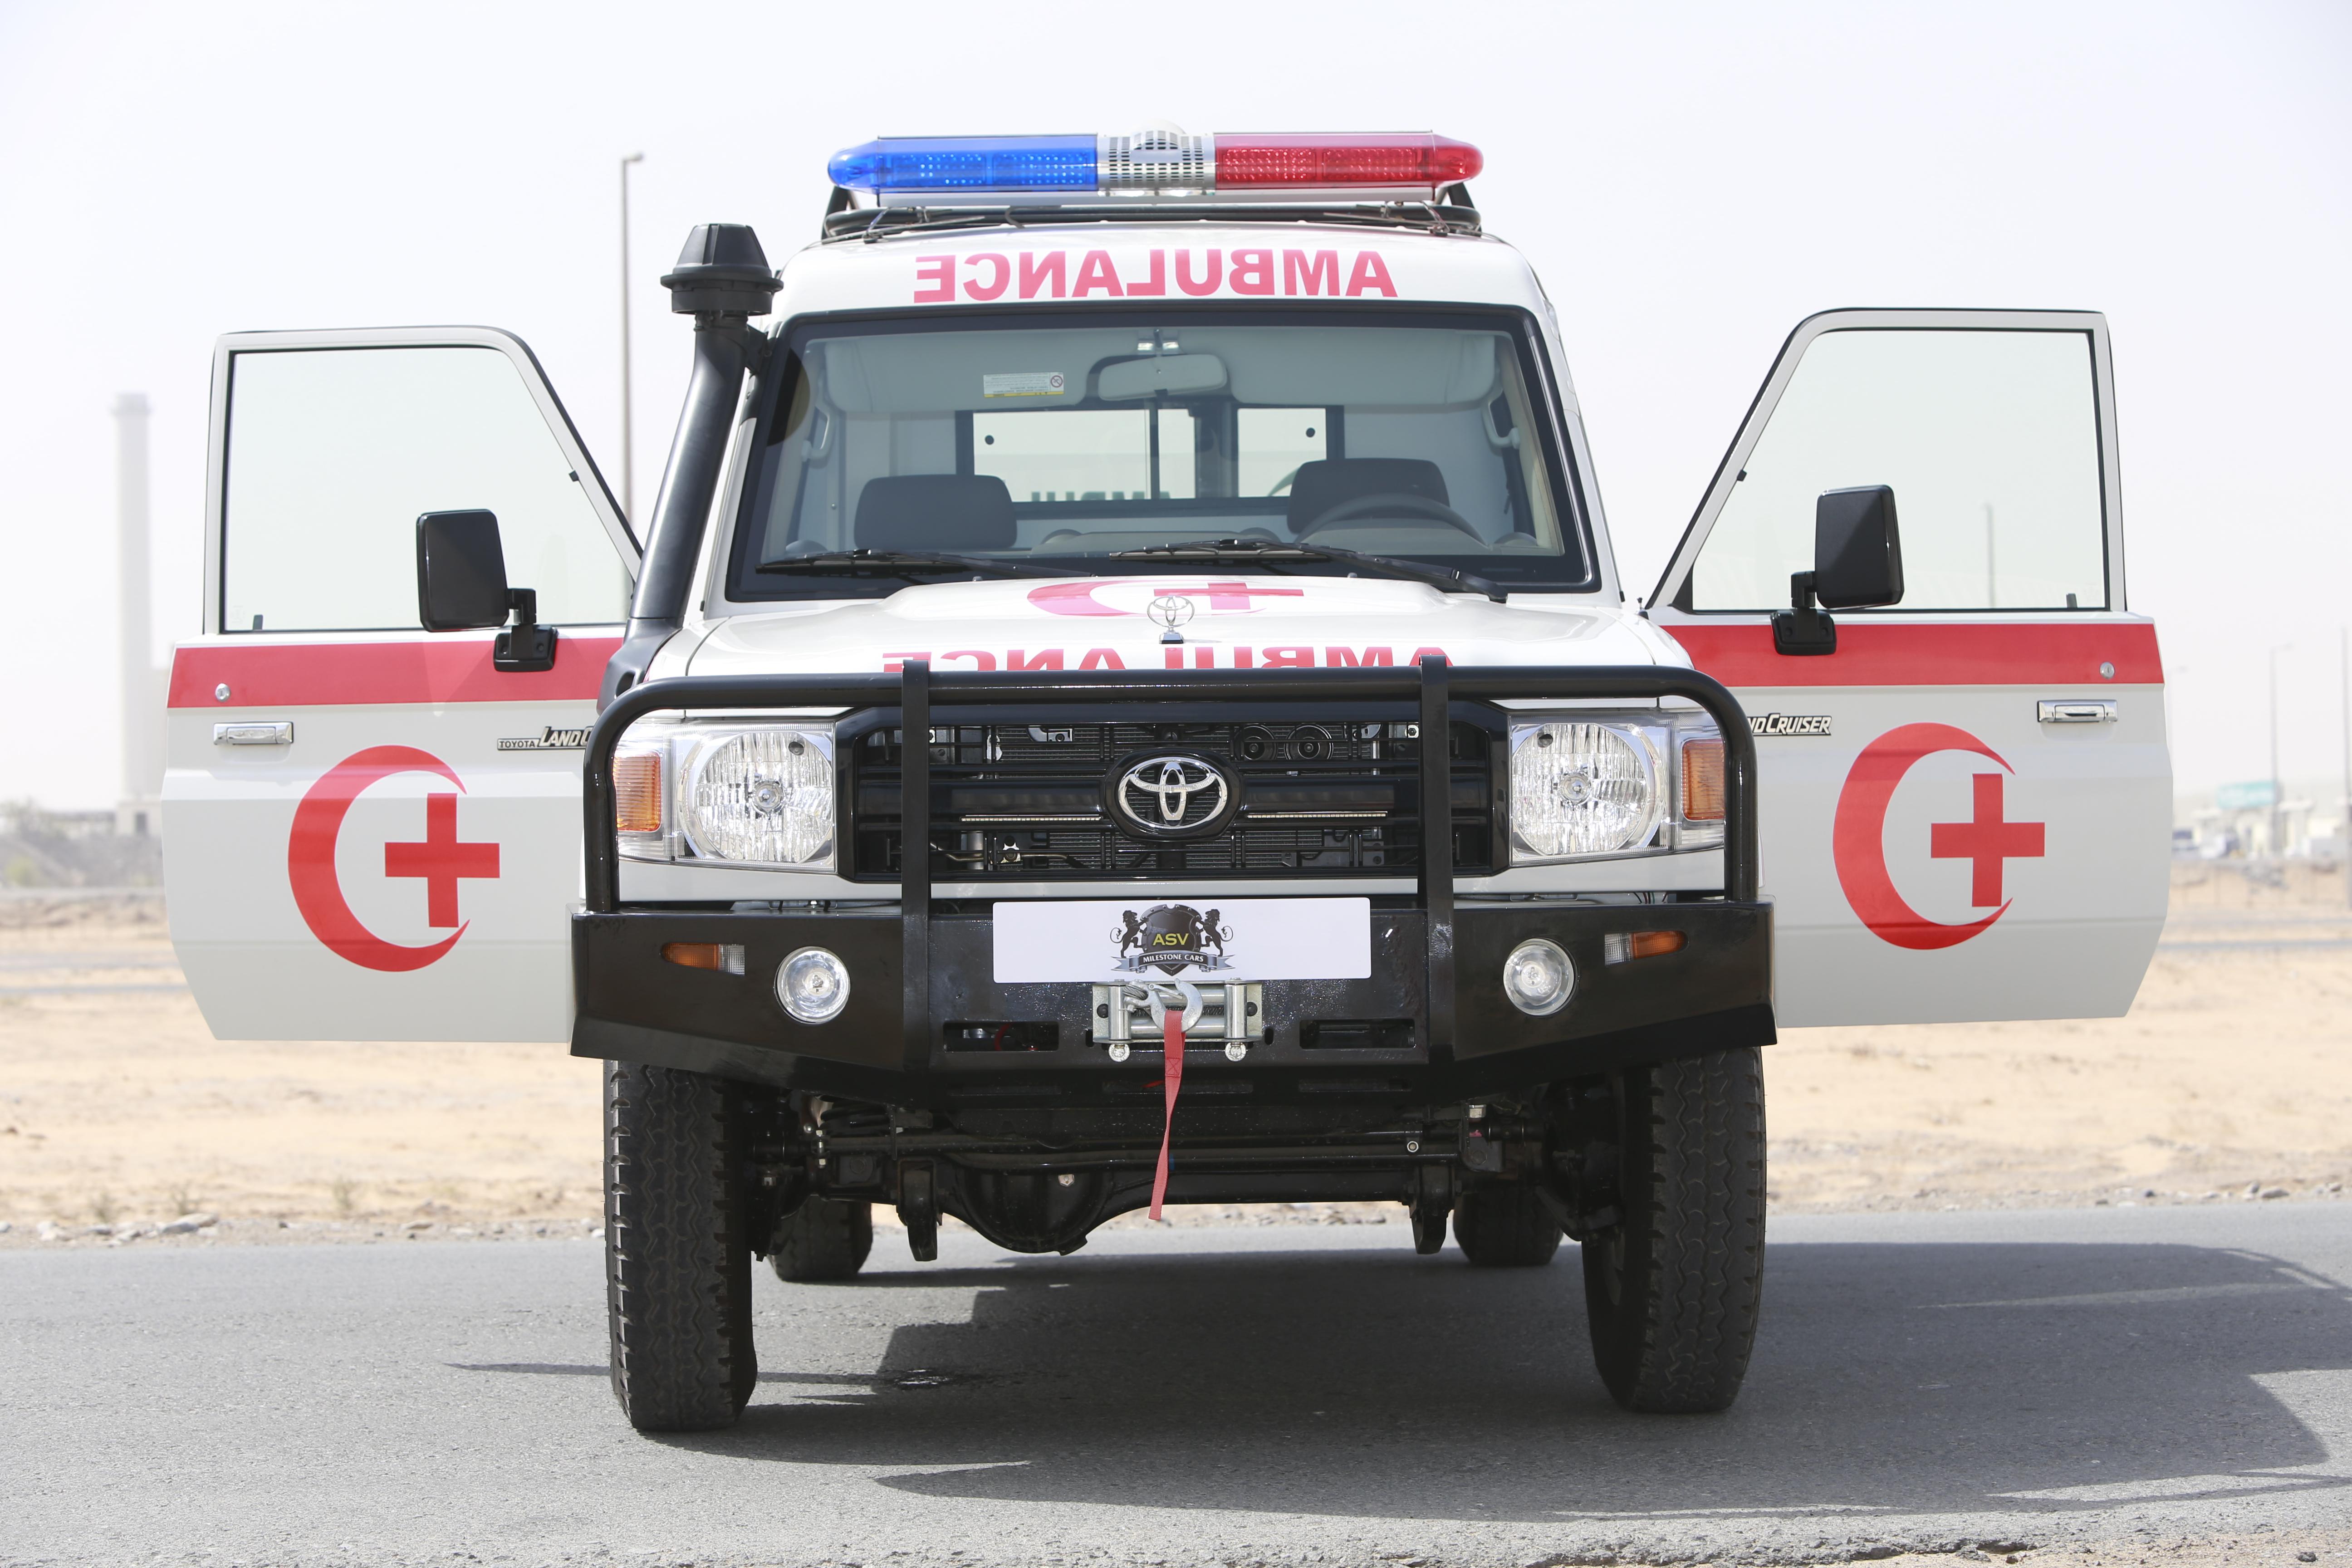 2017 Toyota Land Cruiser 76 Diesel 4.2 – Ambulance